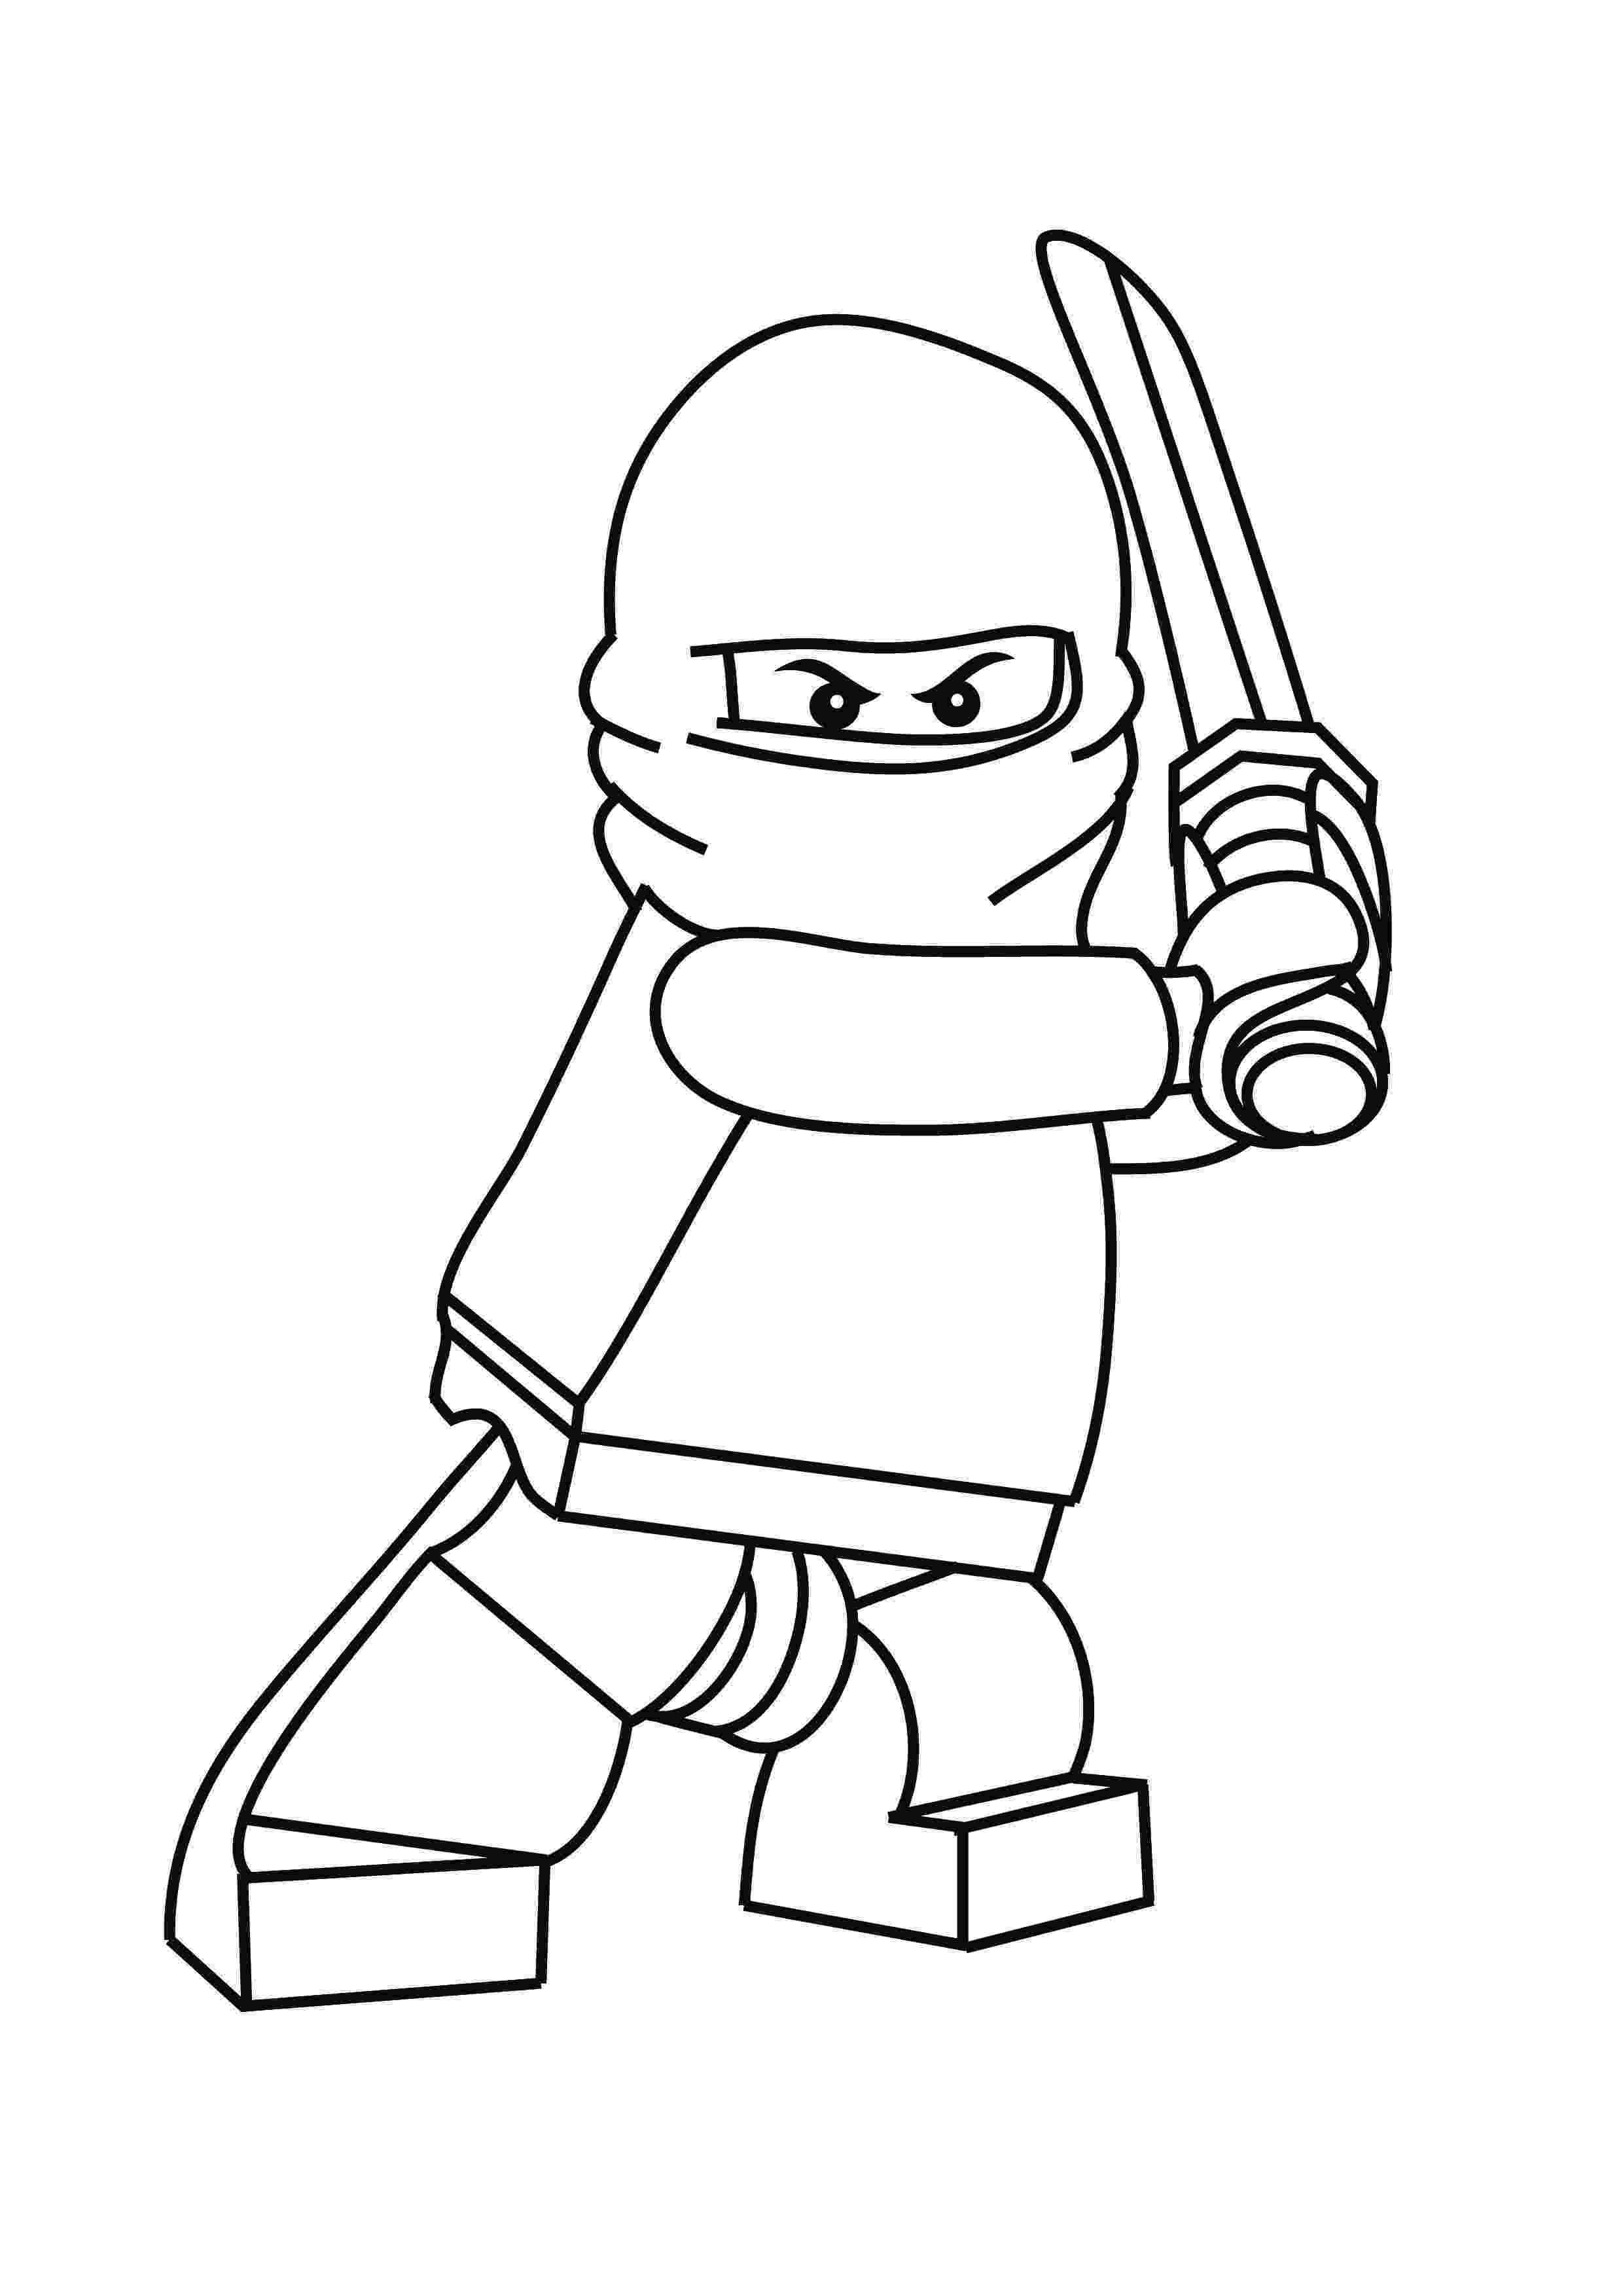 pictures of lego ninjago schön nya ninjago ausmalbild top kostenlos färbung seite of ninjago pictures lego